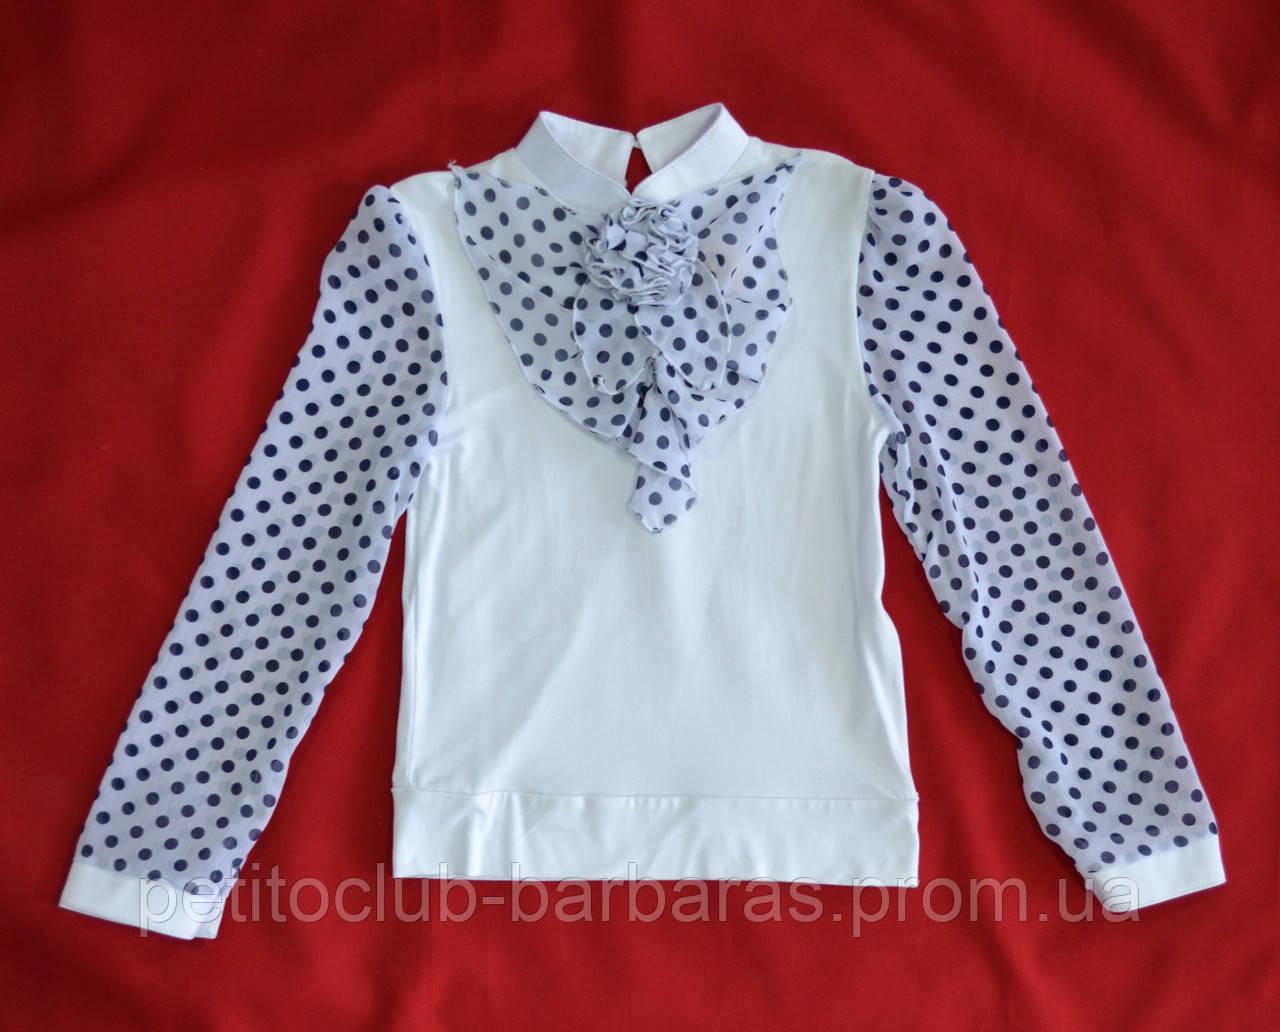 Детская трикотажная блуза белая с темно-синими горошками р. 128-152 cм (Catherine, Польша)